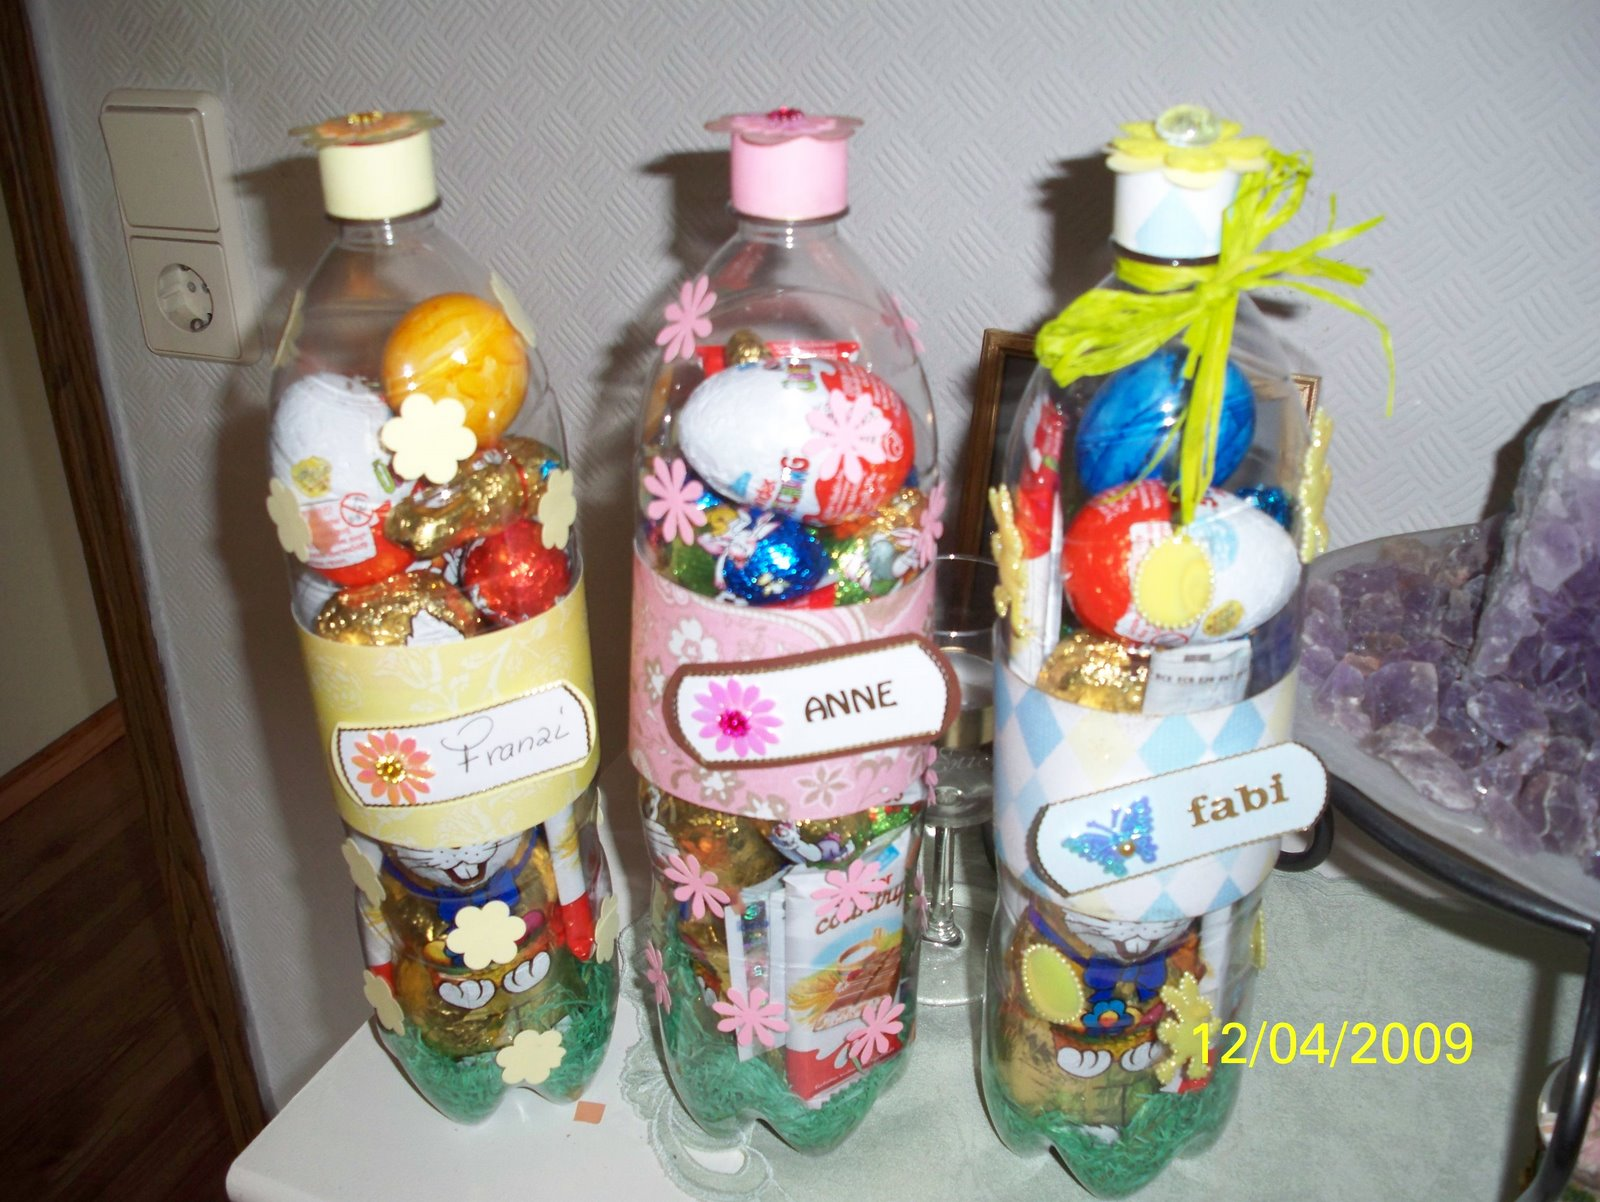 Basteln Mit Pet Flaschen Windrad Basteln Mit Flaschen 226 Basteln